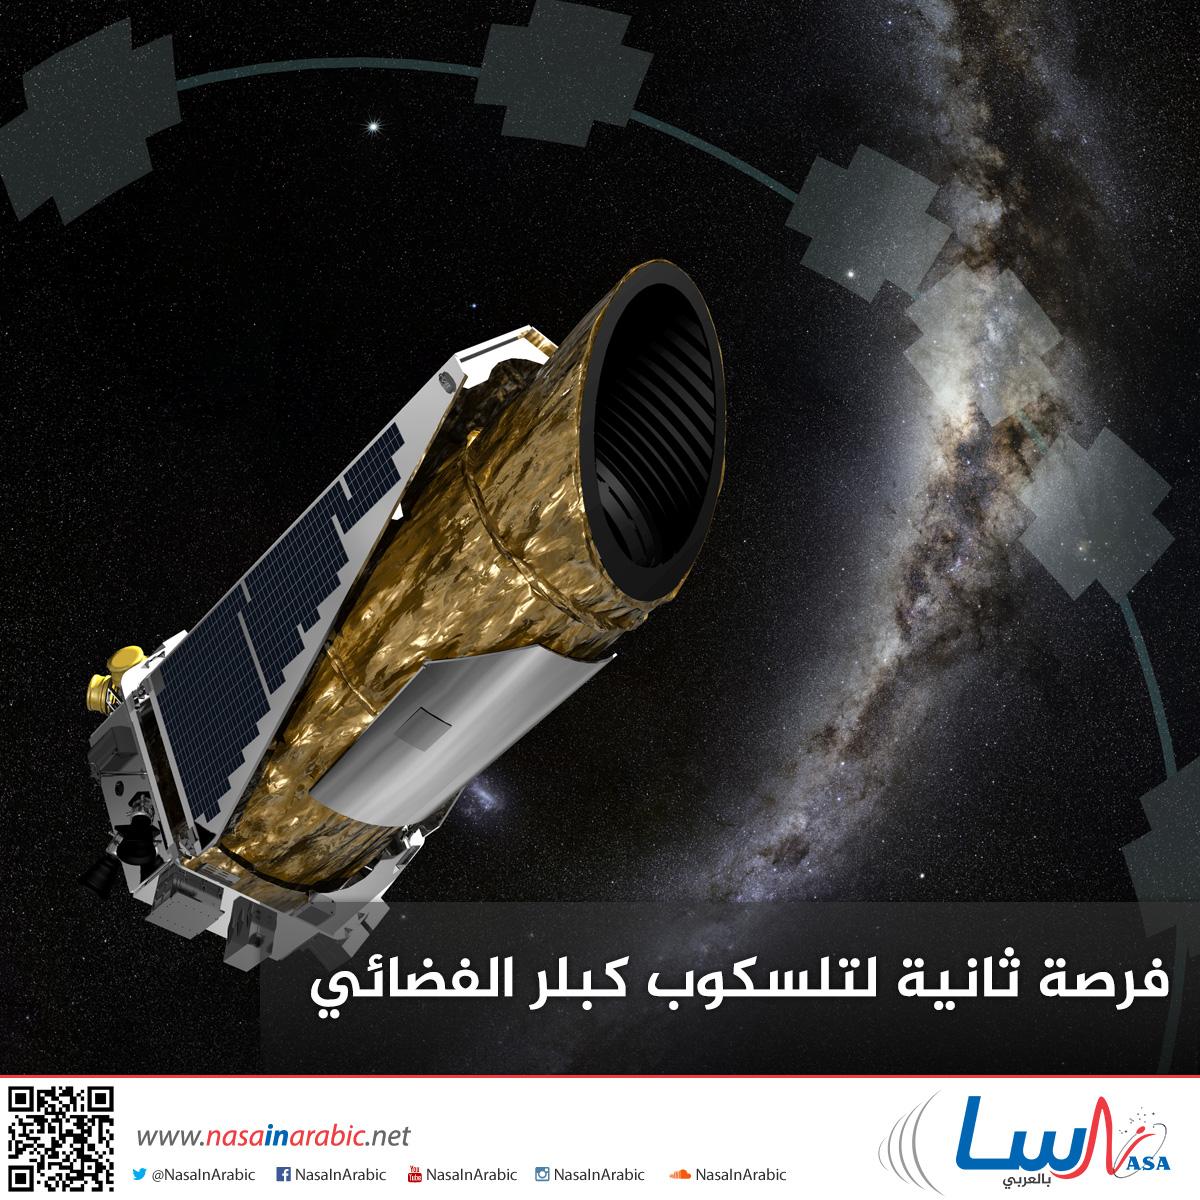 فرصة ثانية لتلسكوب كبلر الفضائي